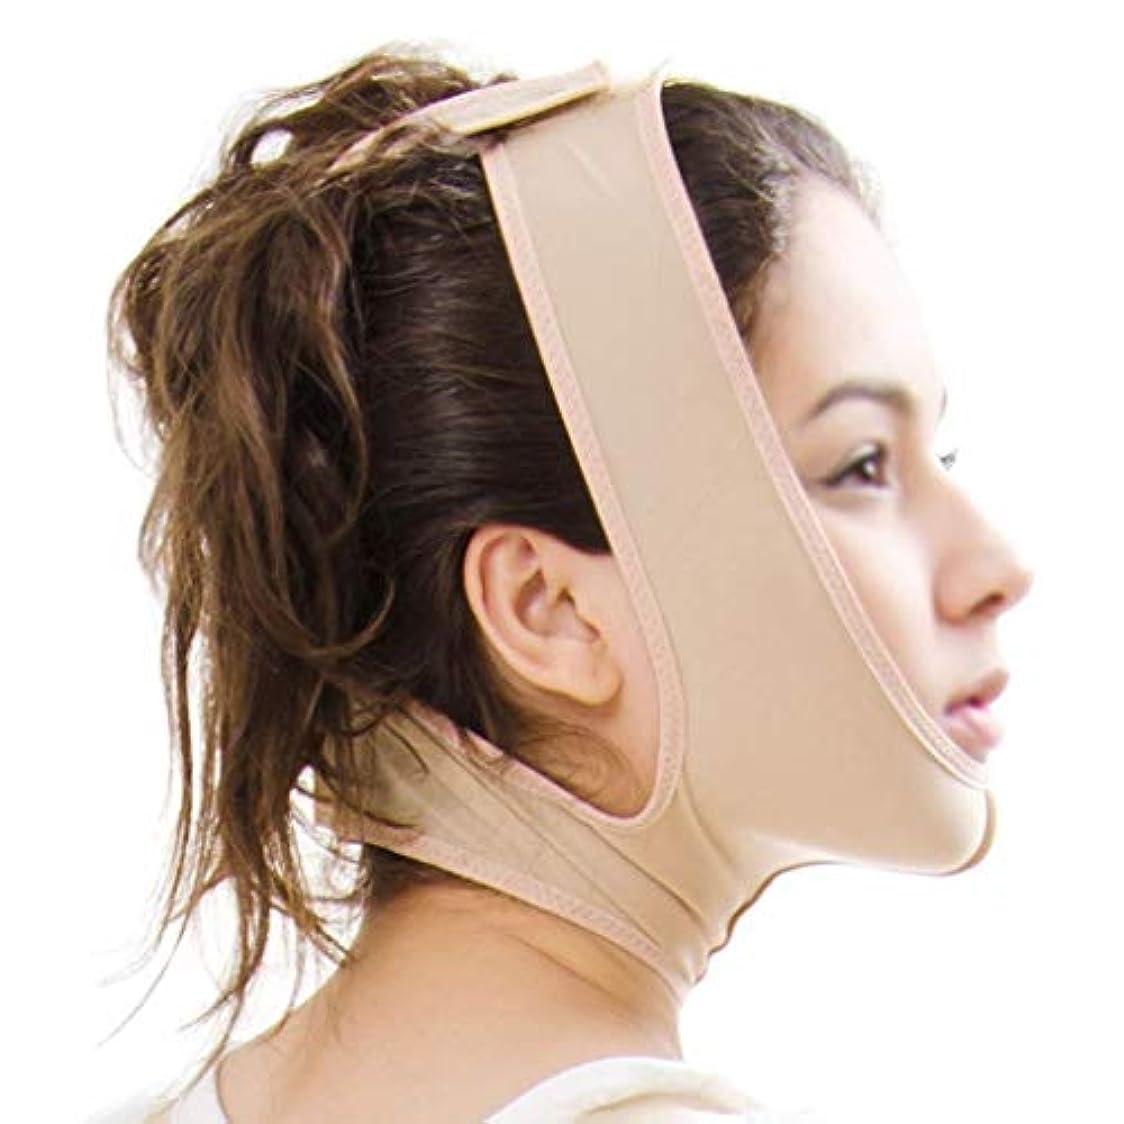 習慣面積養う顔のリフティング包帯、あごの首と首のあごの二重顔、脂肪吸引術、術後創傷マスク(サイズ:XXL)